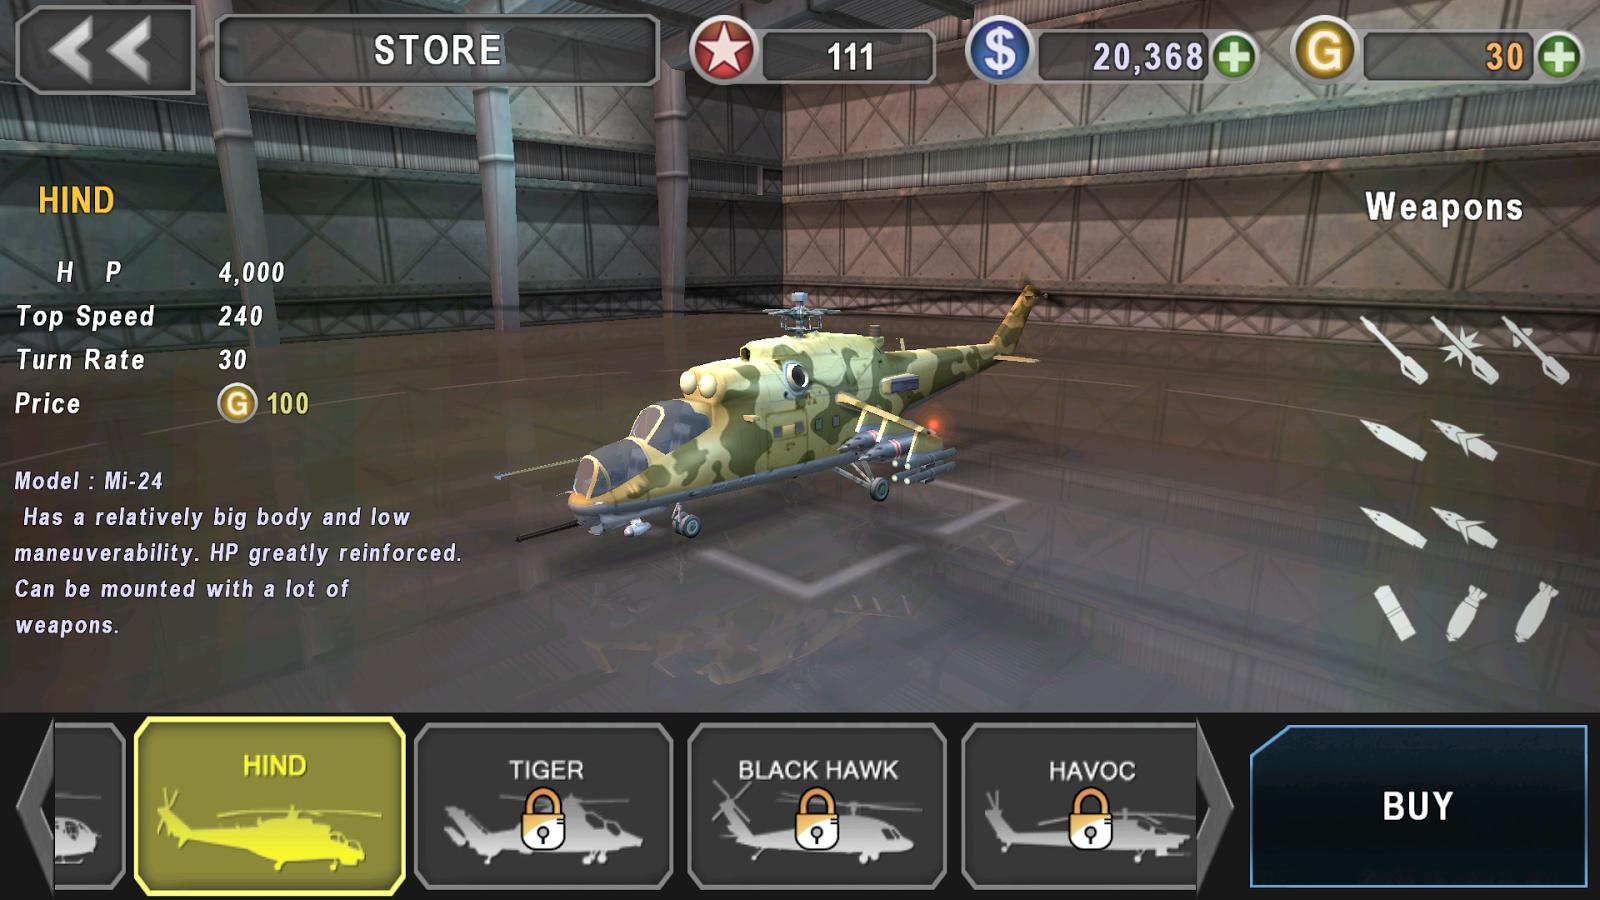 как собрать самолет в игре gunship battle